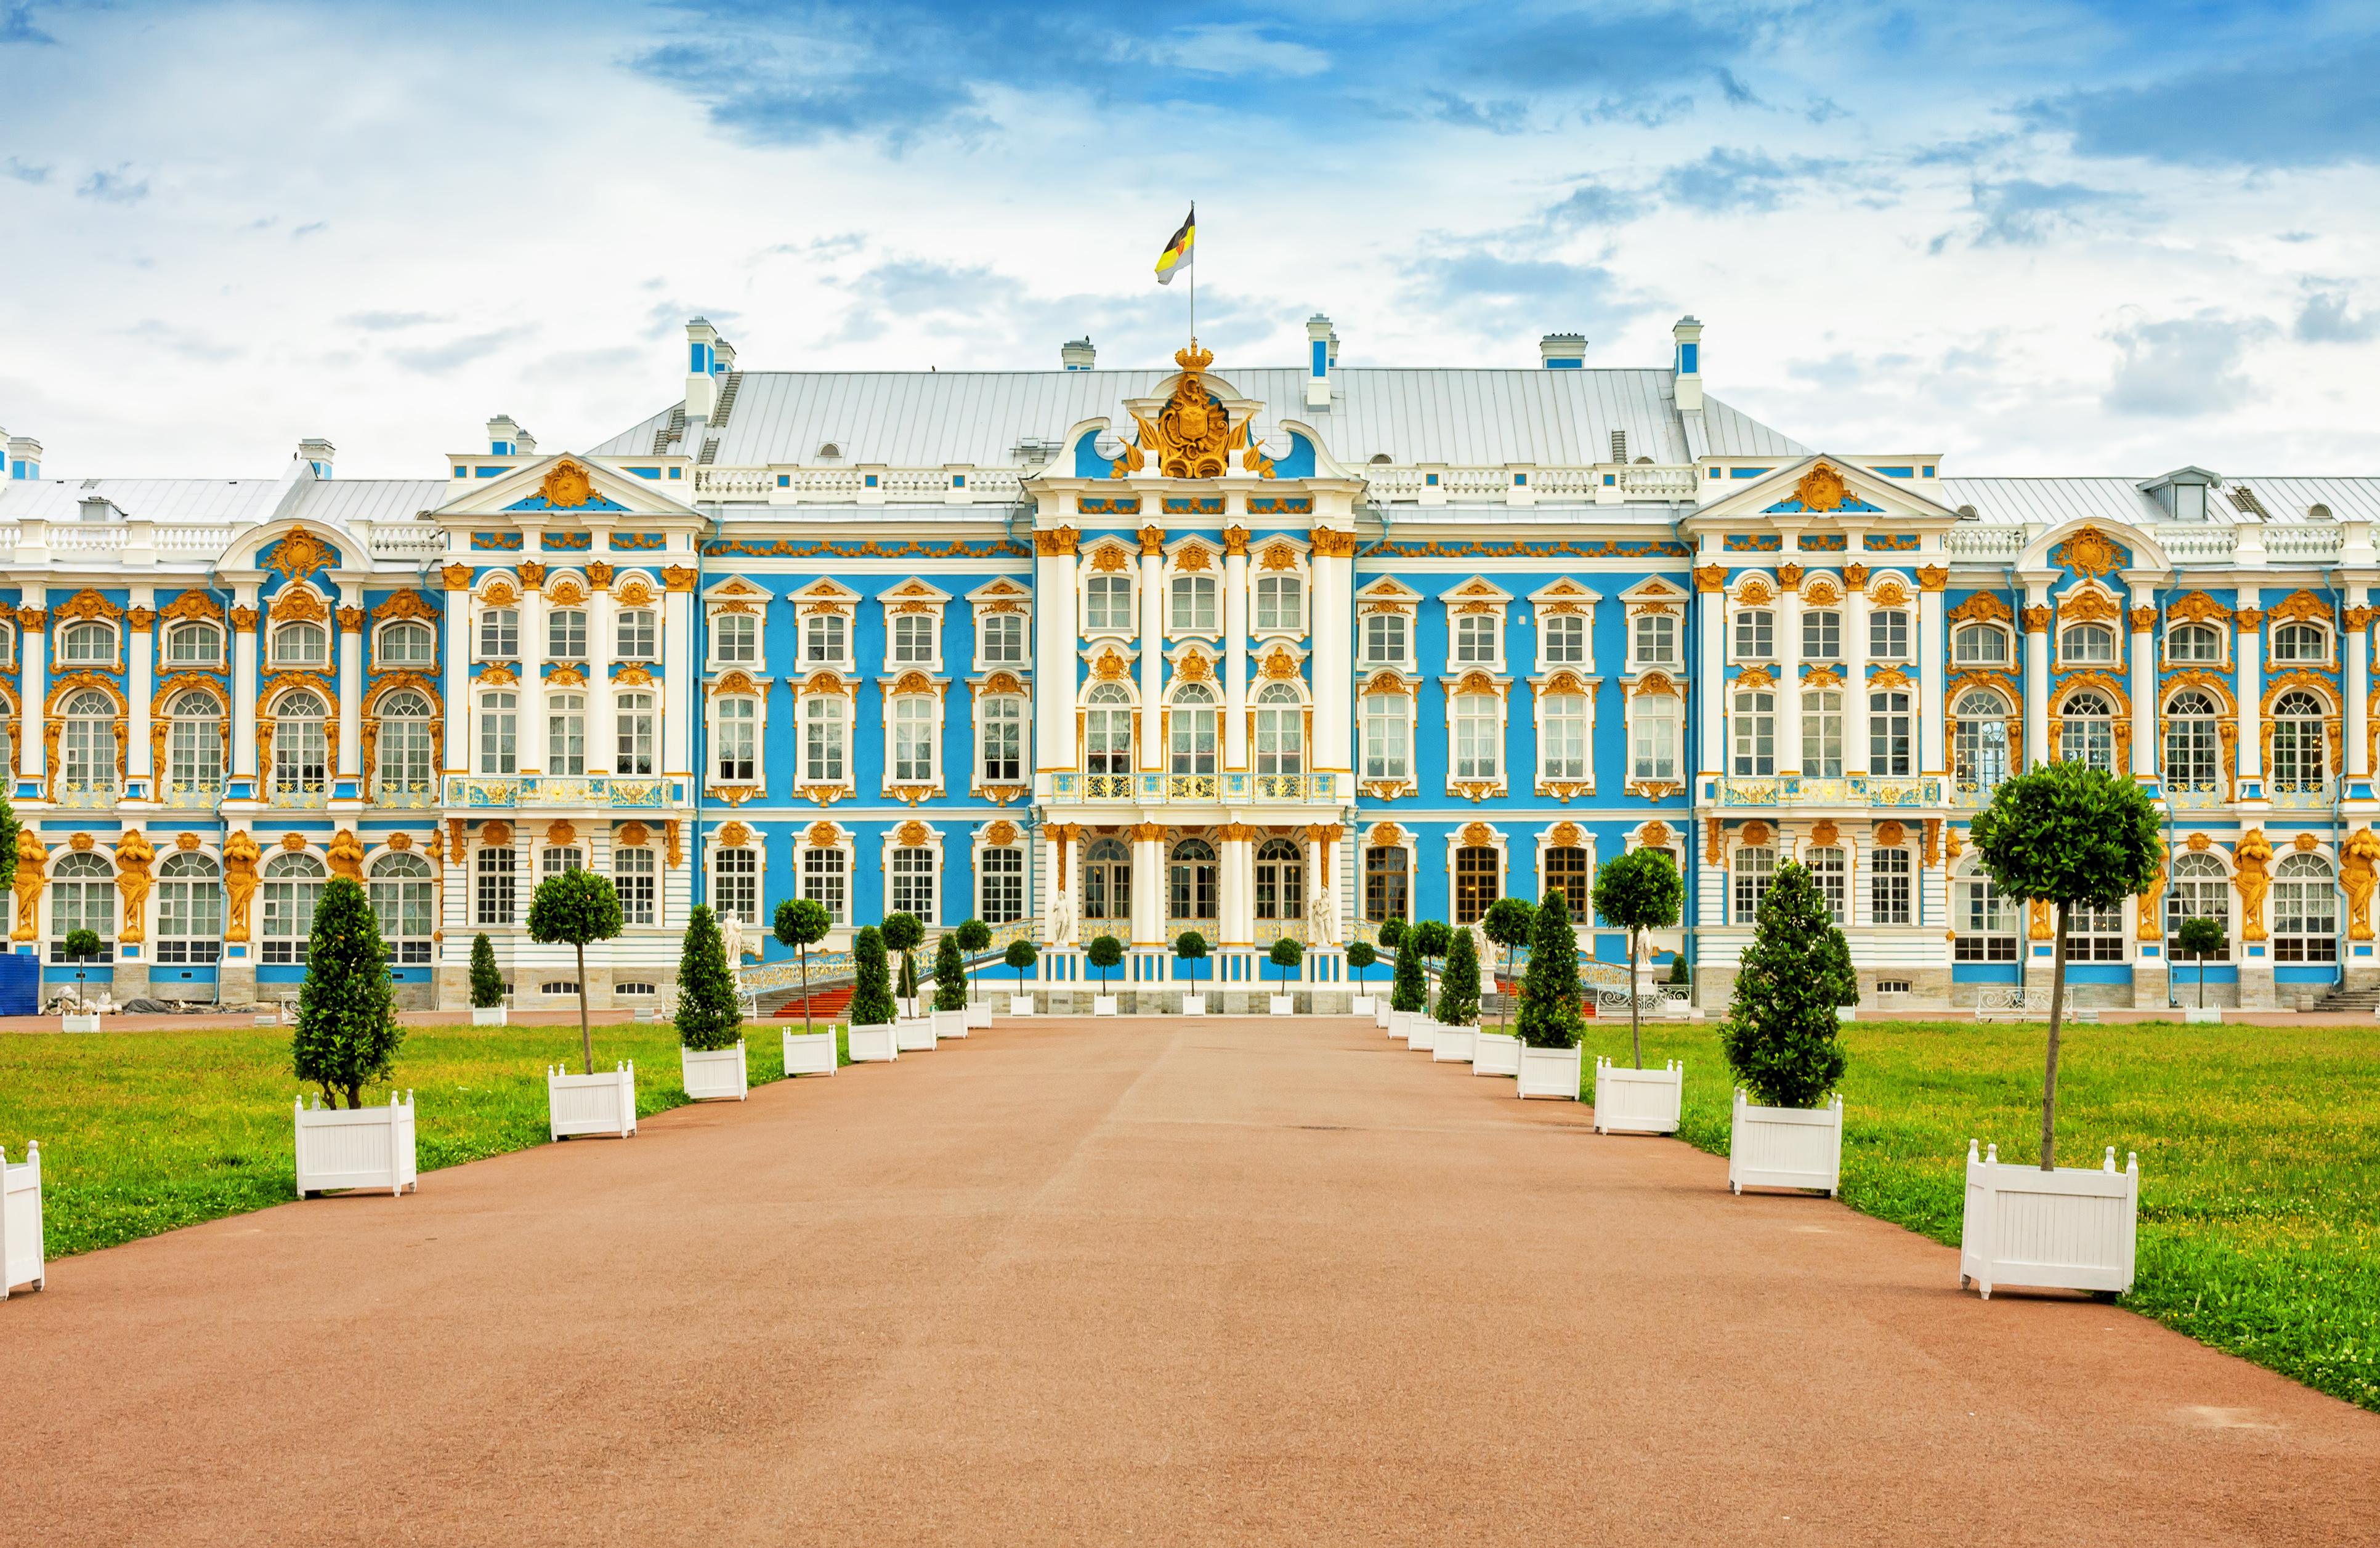 Descubre toda la elegancia y distinción de la Rusia zarista - Rusia Circuito Rusia Clásica: Moscú y San Petersburgo